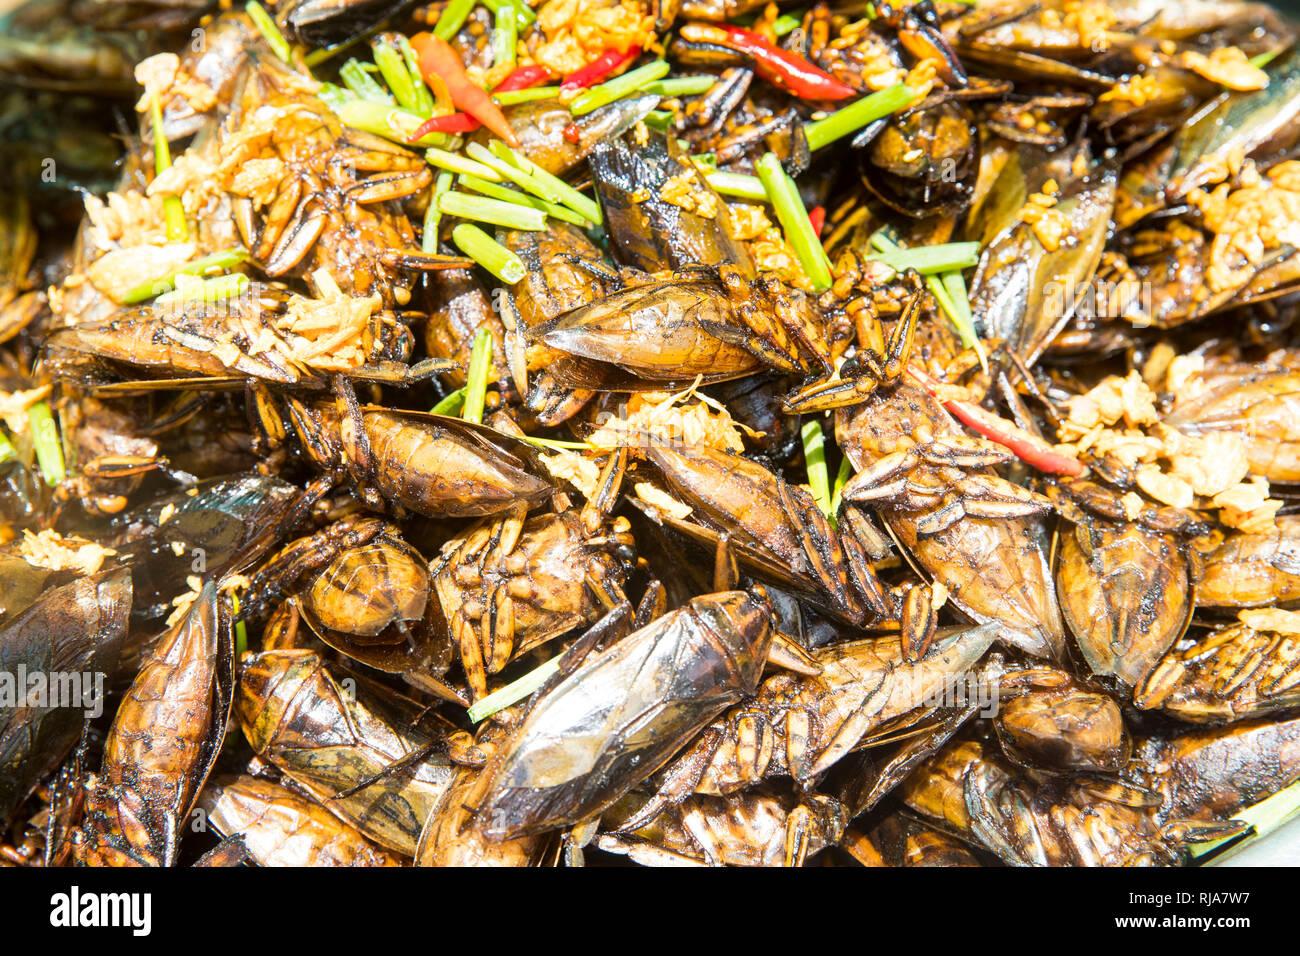 auf dem Weg nach Kampong Cham, geröstete Kakerlaken die wie Chips gegessen werden, überaus schmackhaft - Stock Image